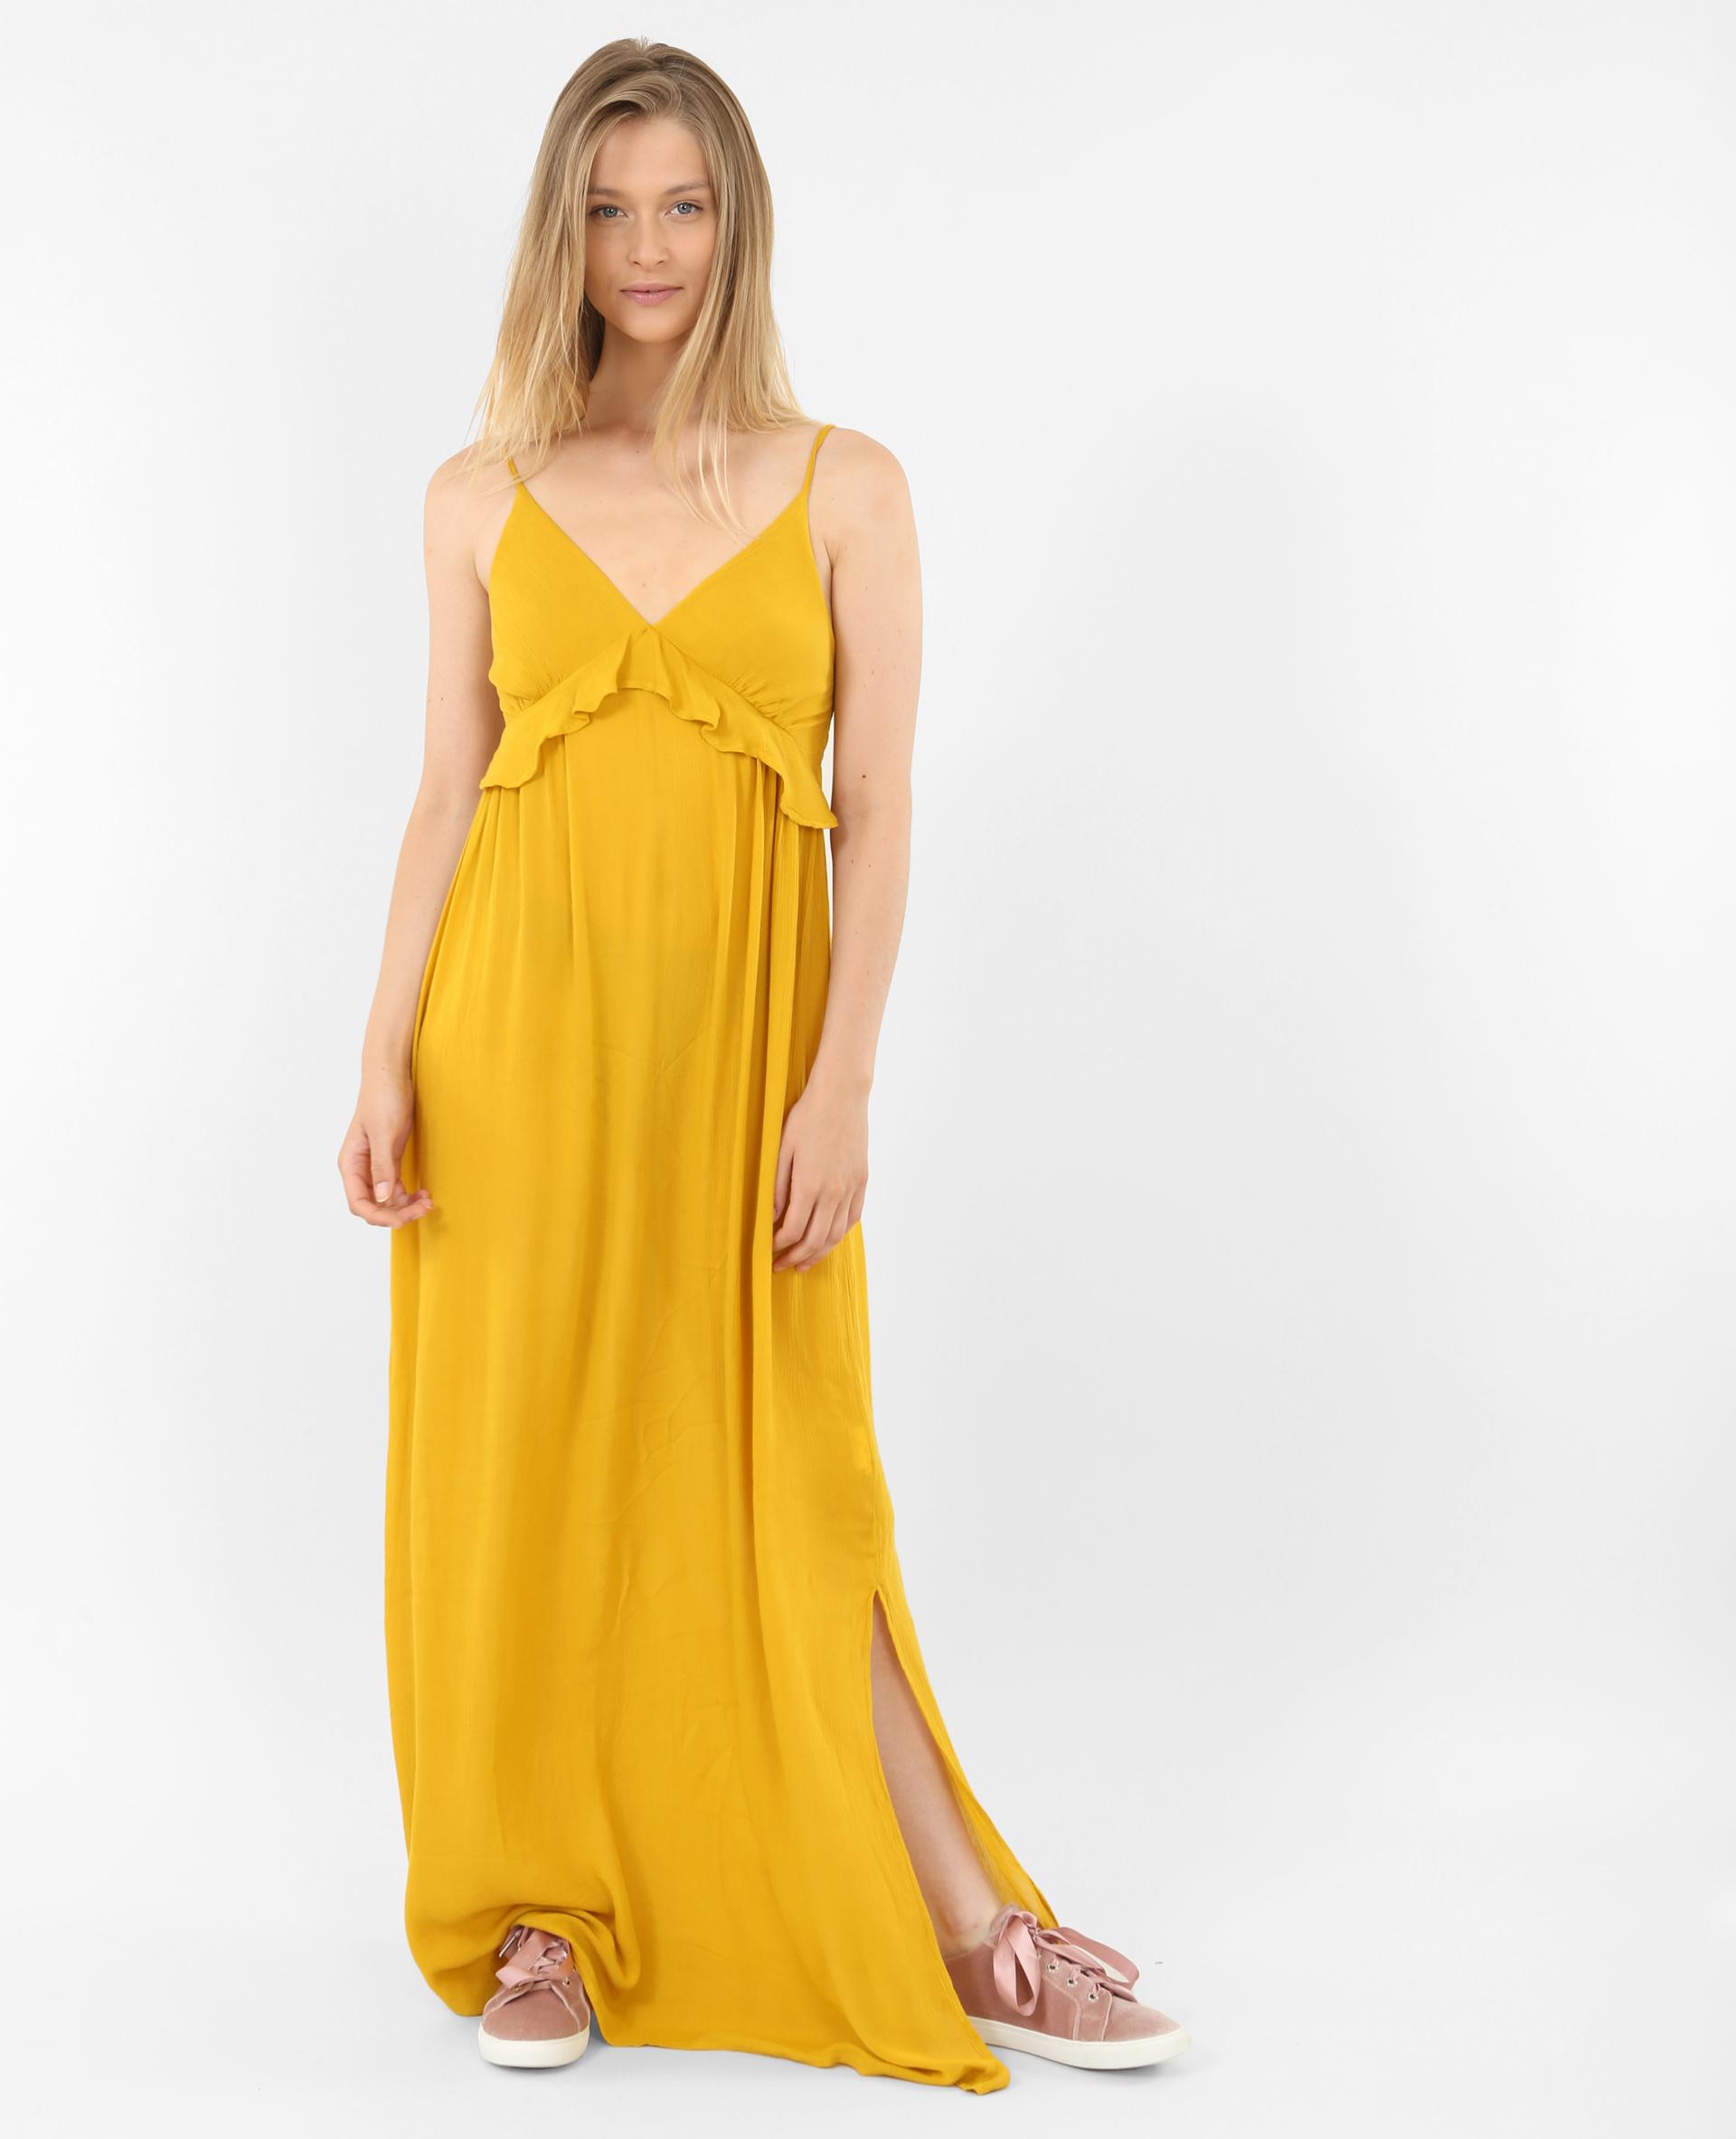 d591d7dbffd Robe longue à volants jaune - 780711003A00